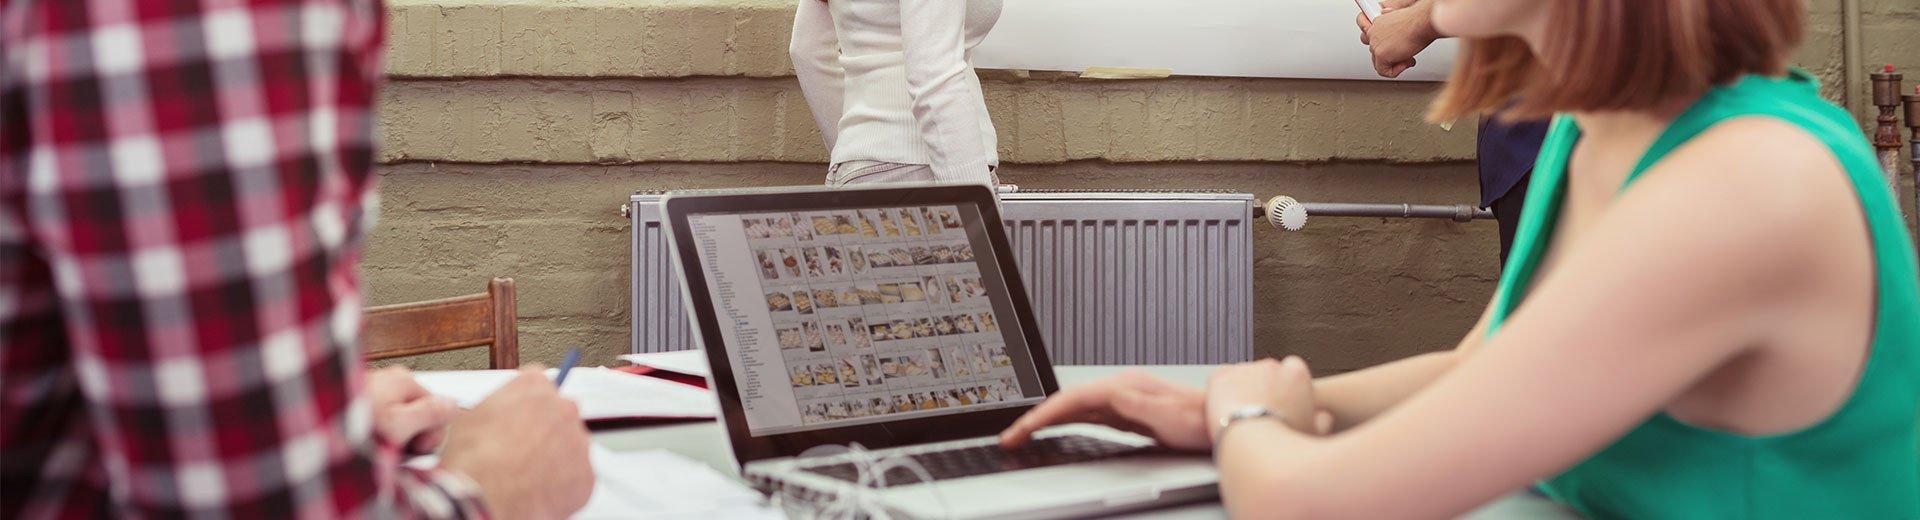 Okładka artykułu 8 rzeczy, które chciałabym wiedzieć — Zanim założyłam własną firmę